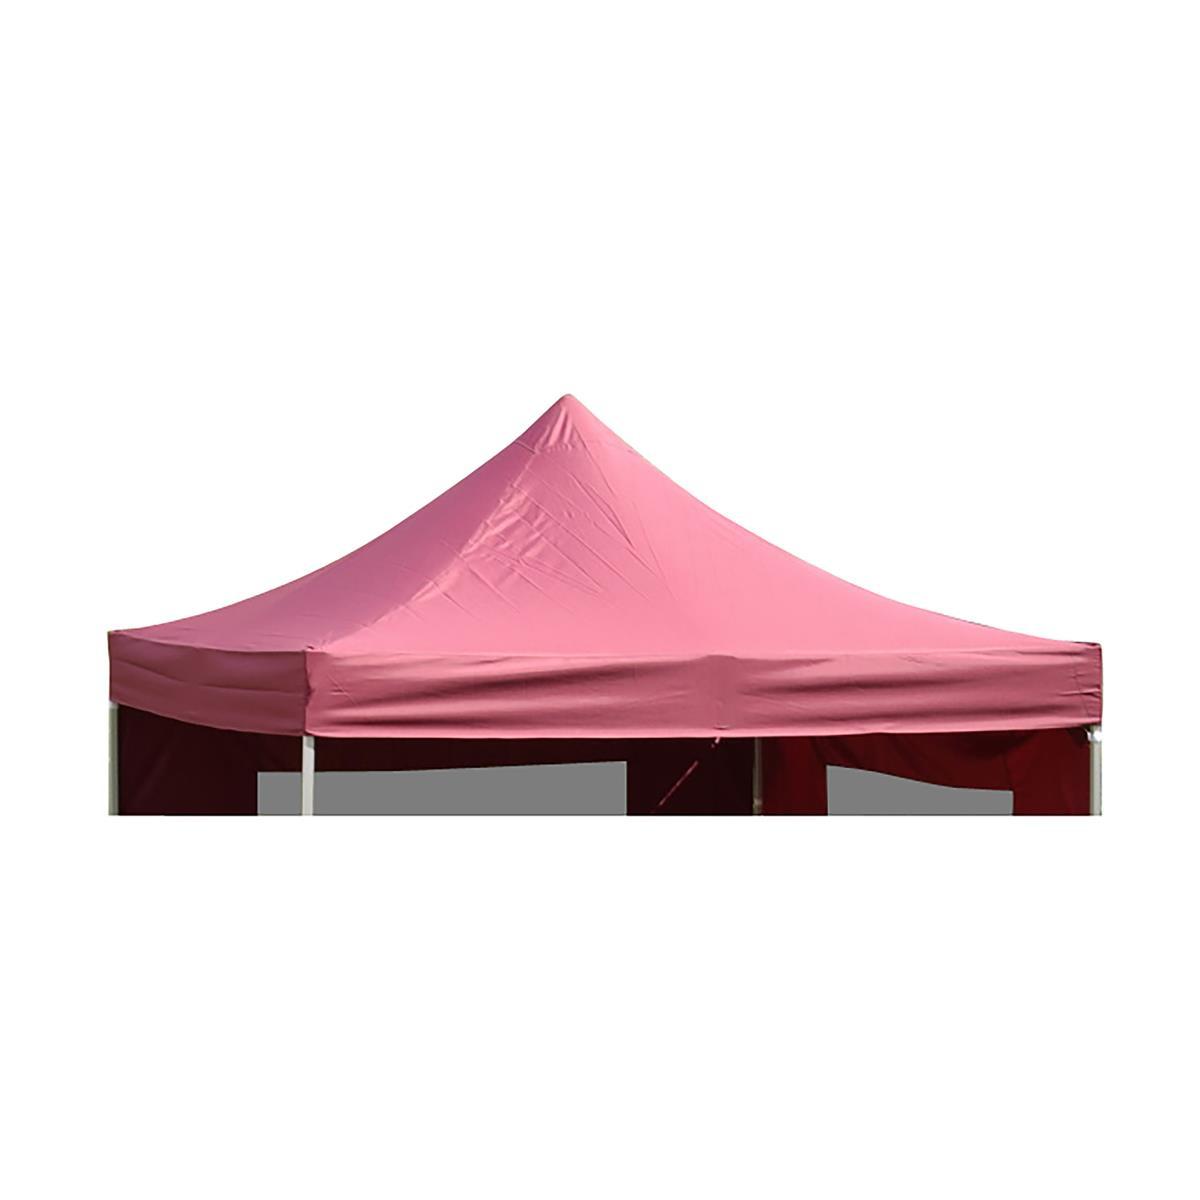 Ersatzdach für PROFI Falt Pavillon 3x3m burgund wasserdicht 270g/m² Dachplane